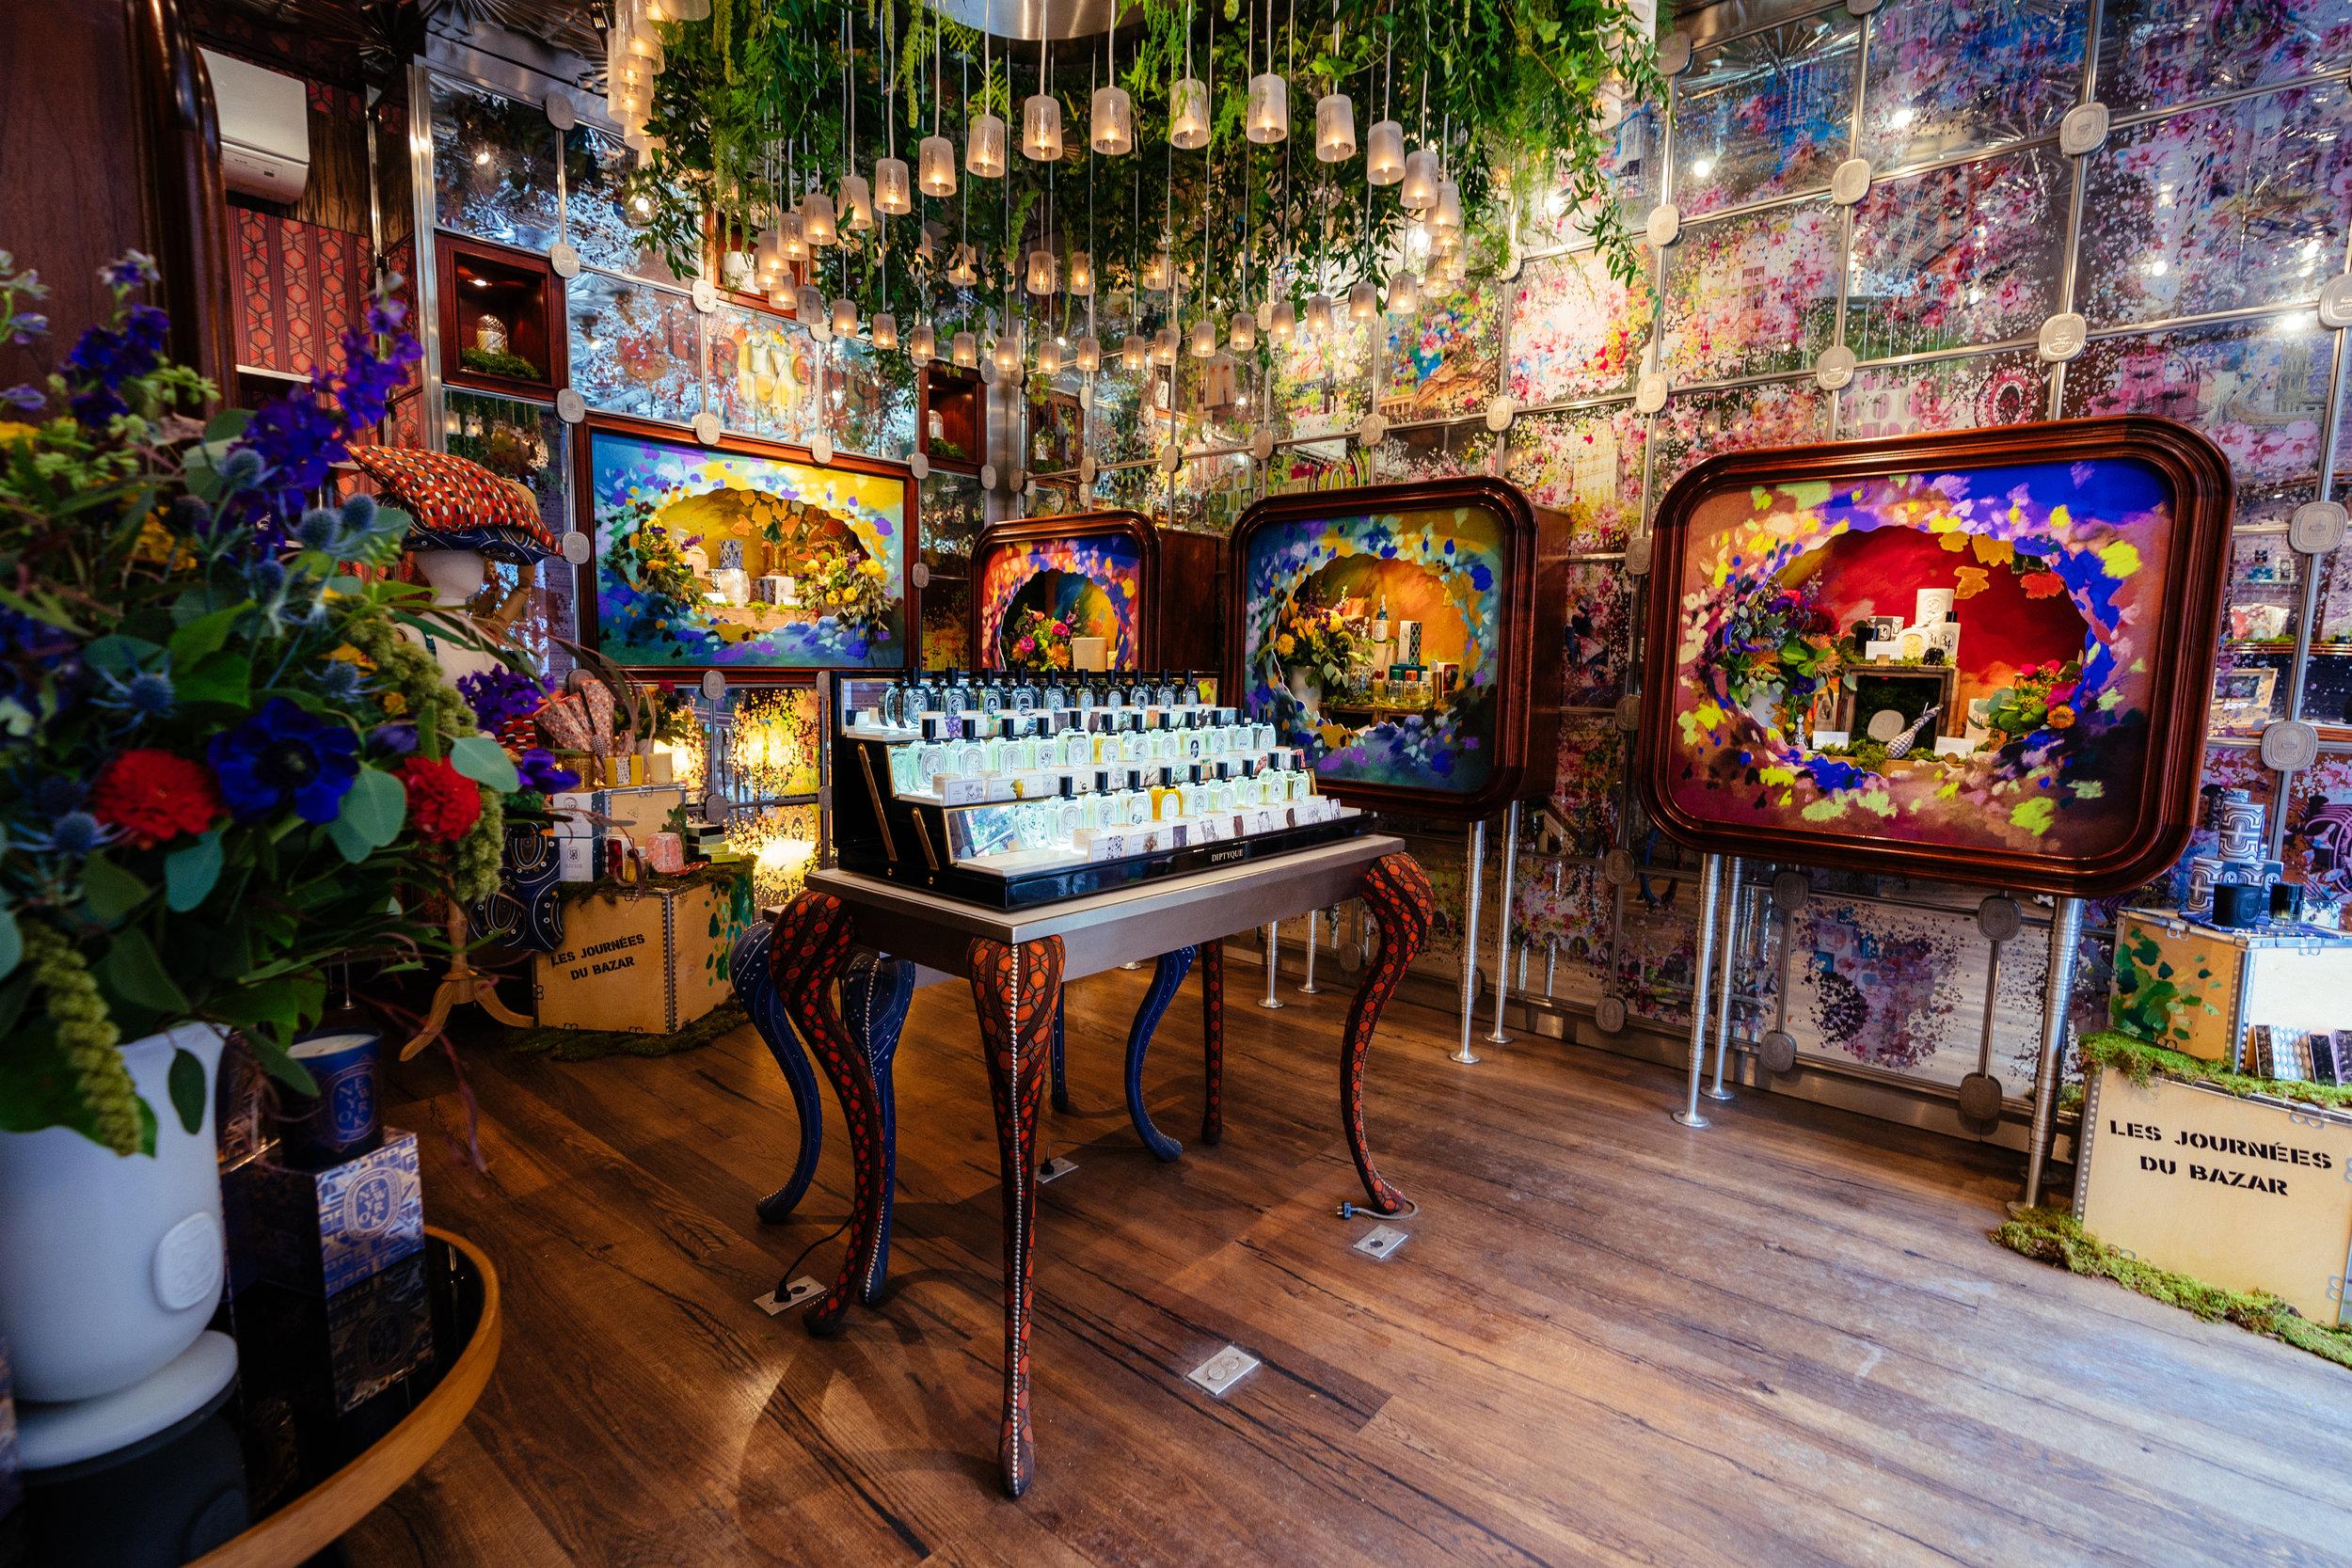 Diptyque 34 Bazaar In-Store Displays